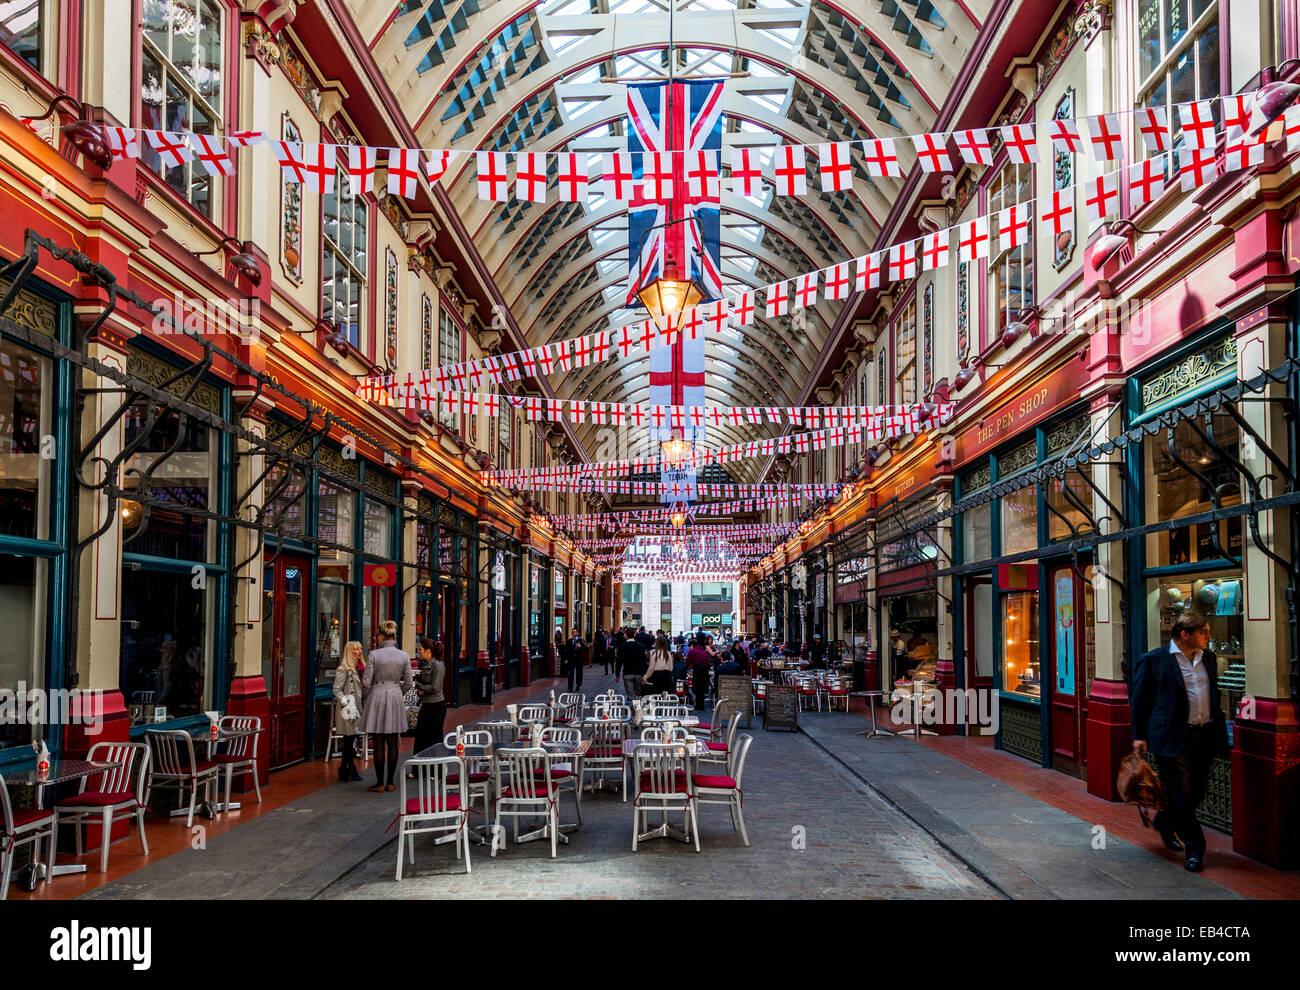 Leadenhall Market es un mercado cubierto de Londres, ubicado en Gracechurch Street, City de Londres. Imagen De Stock